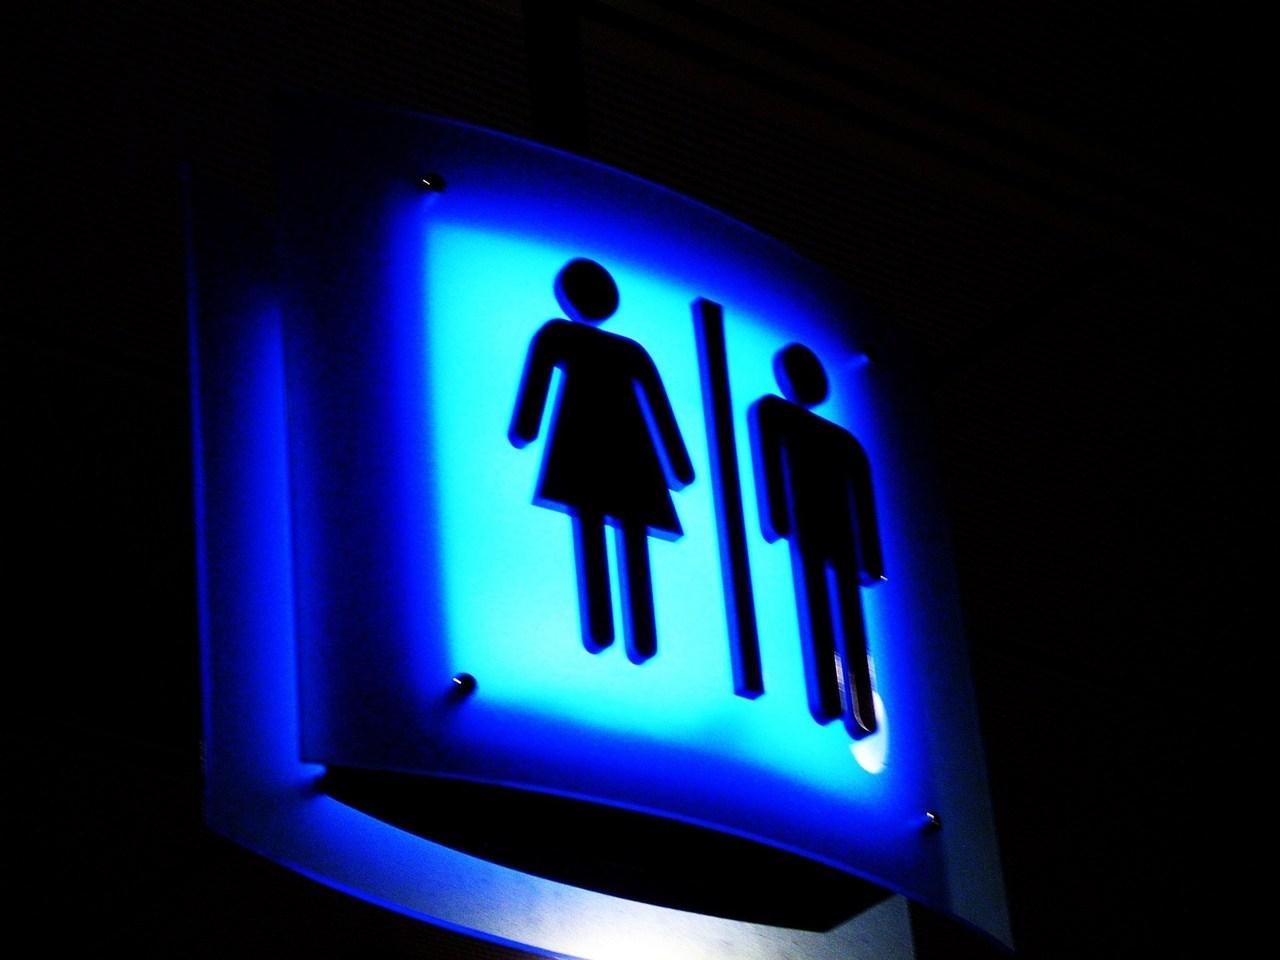 공용화장실은 여전히 공포의 대상이다.